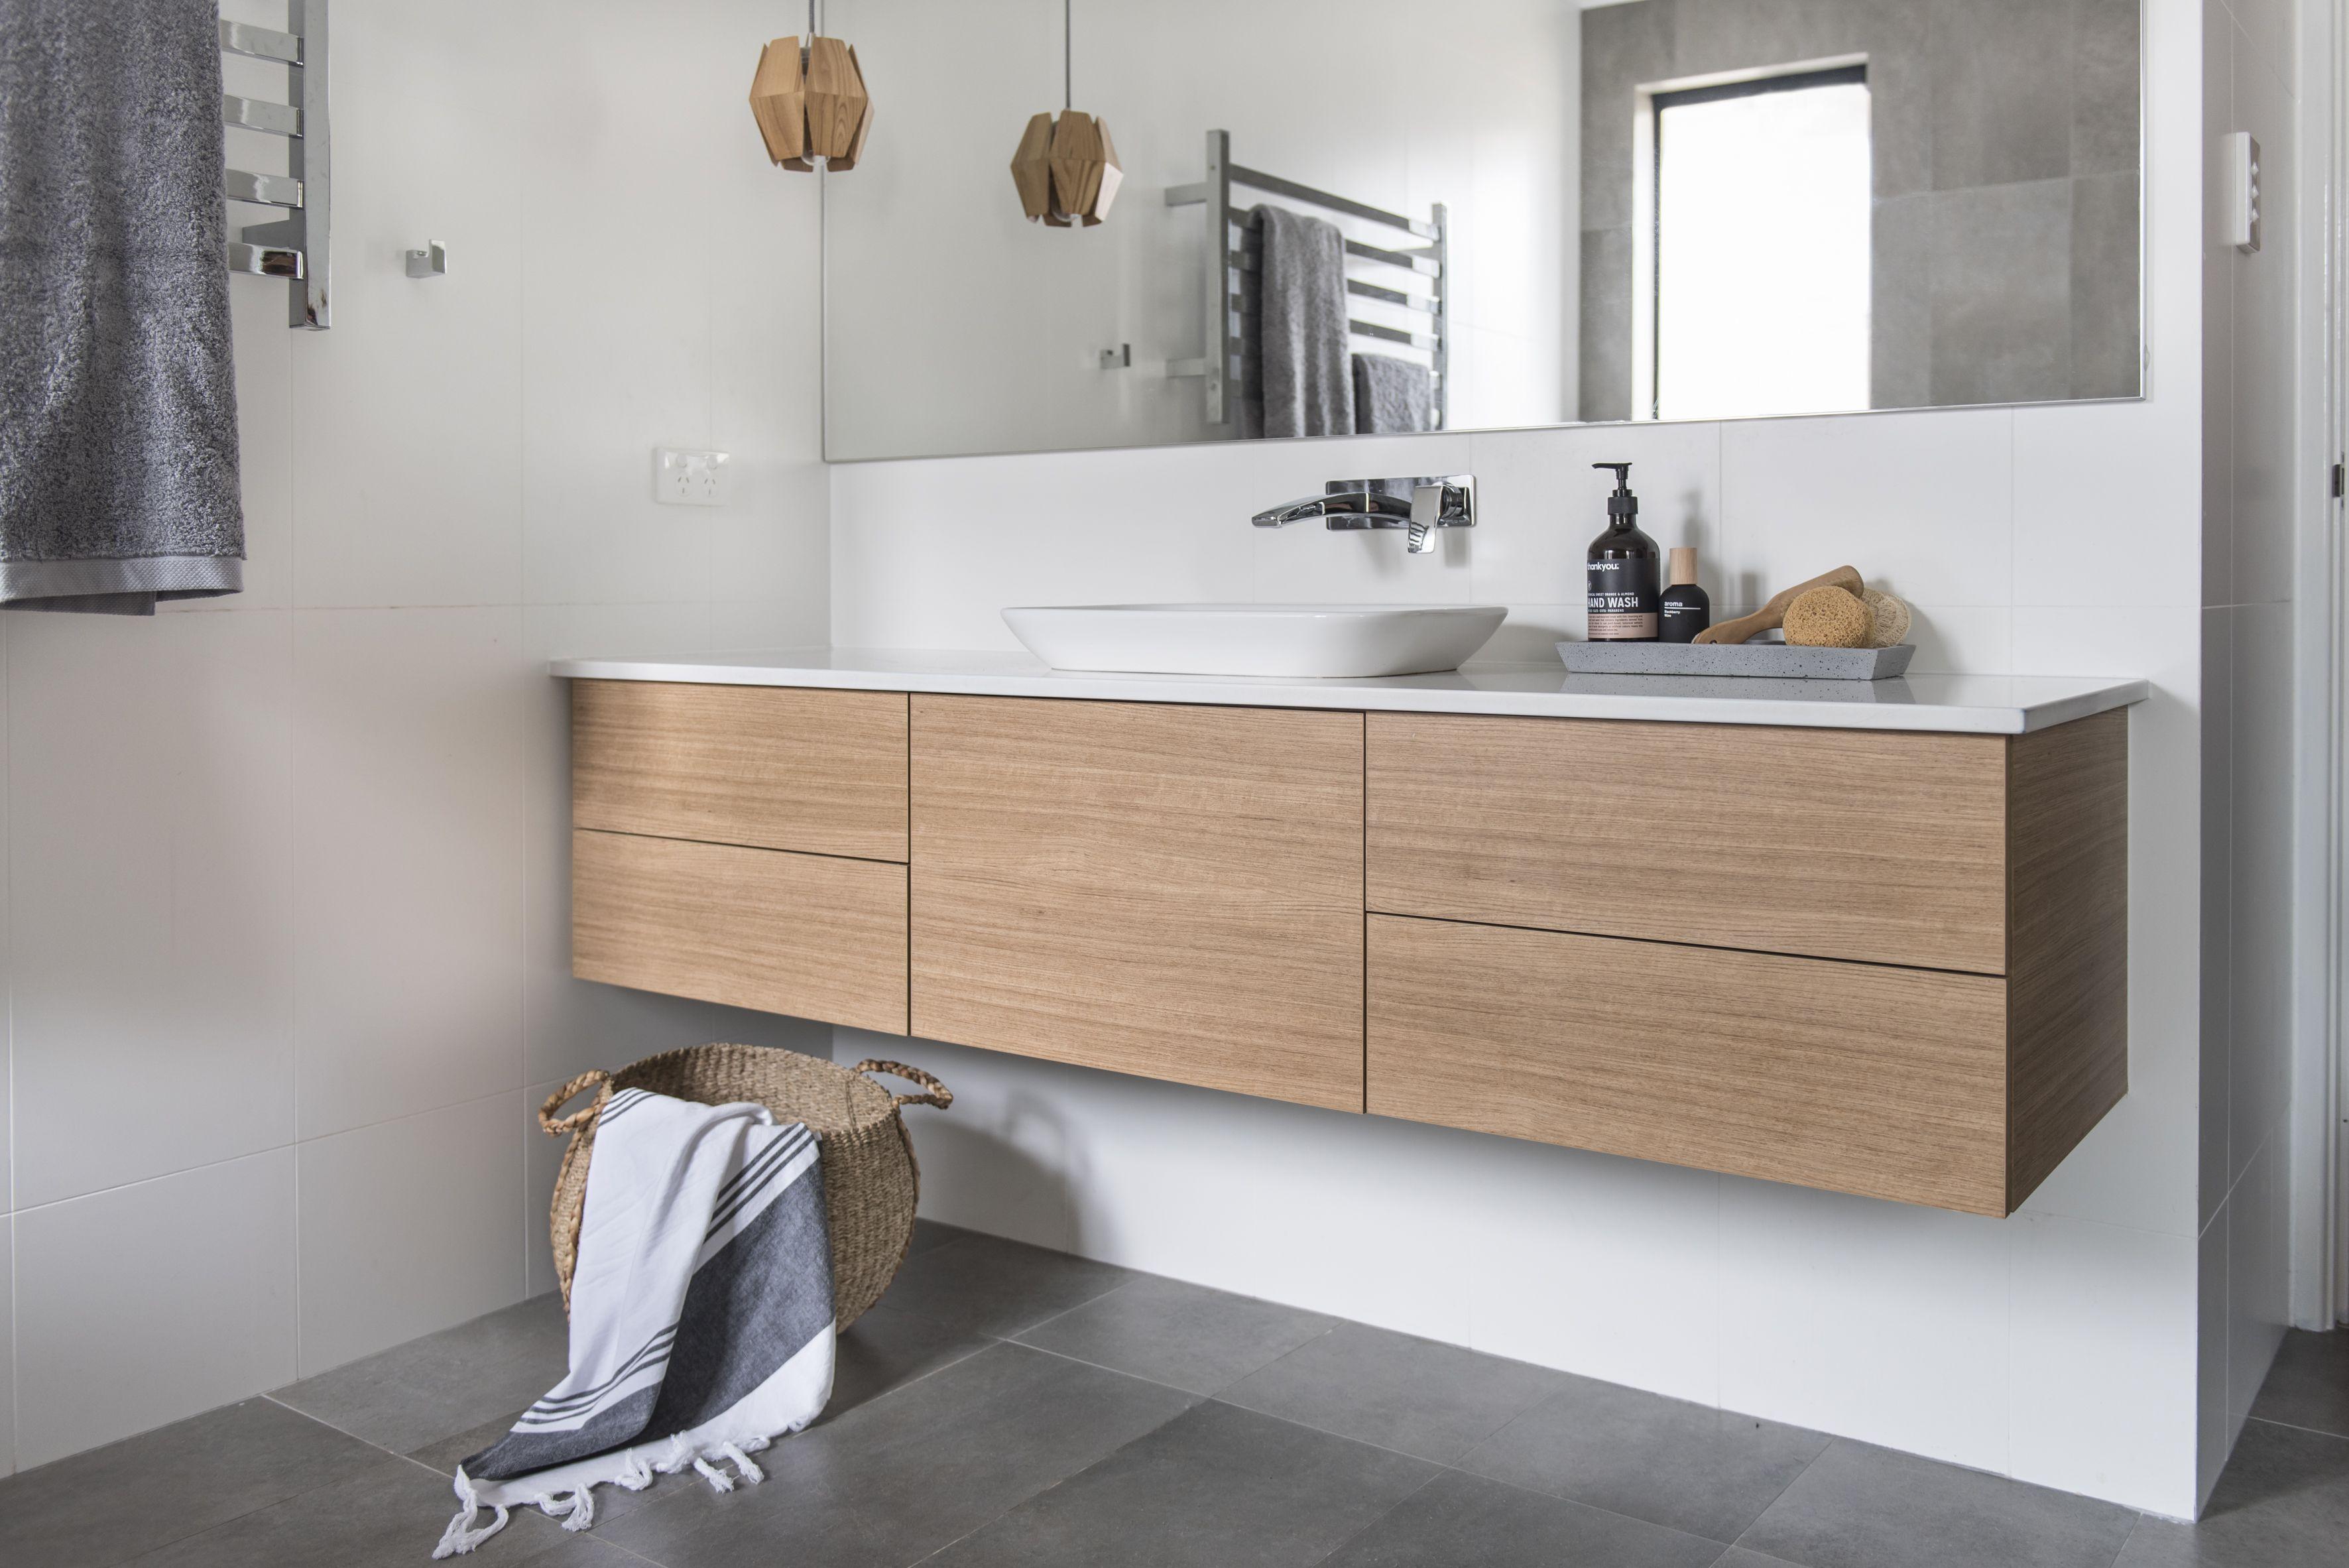 Red Lily Renovations Bathroom Wood vanity Vanity in Laminex